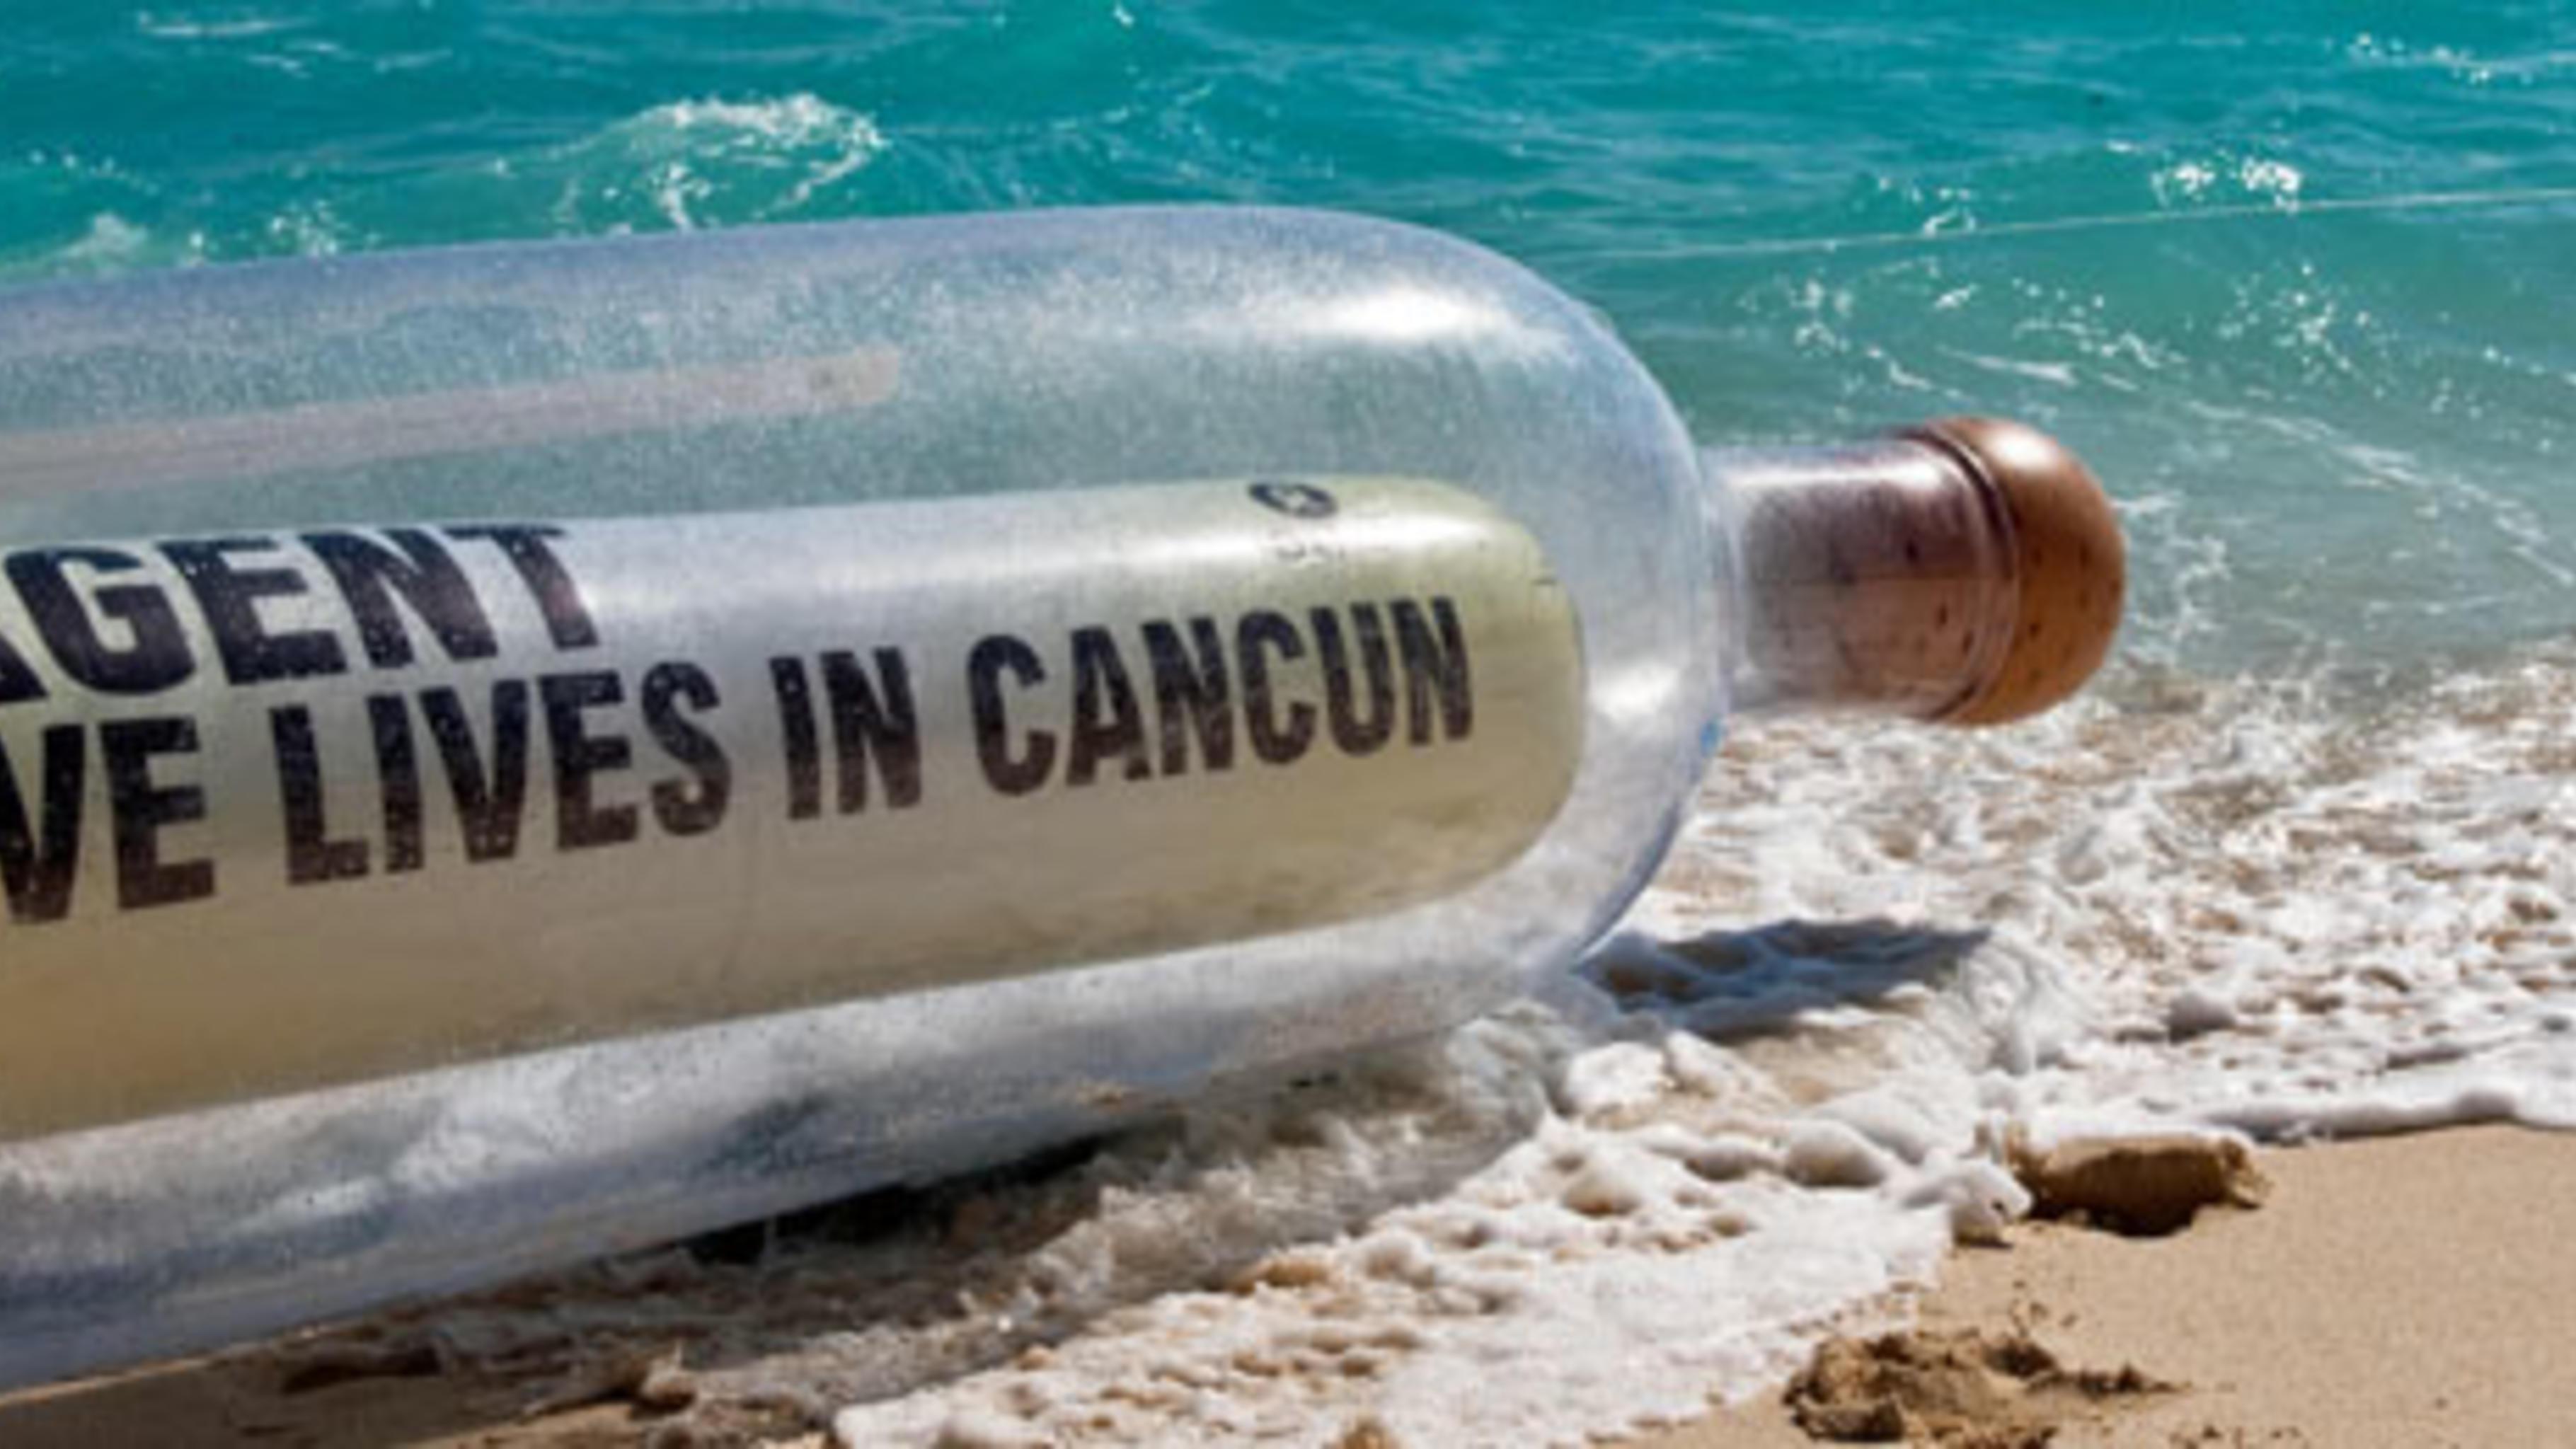 Nachricht offenbar angekommen: Oxfam-Aktion beim UN-Klimagipfel in Cancún 2010.